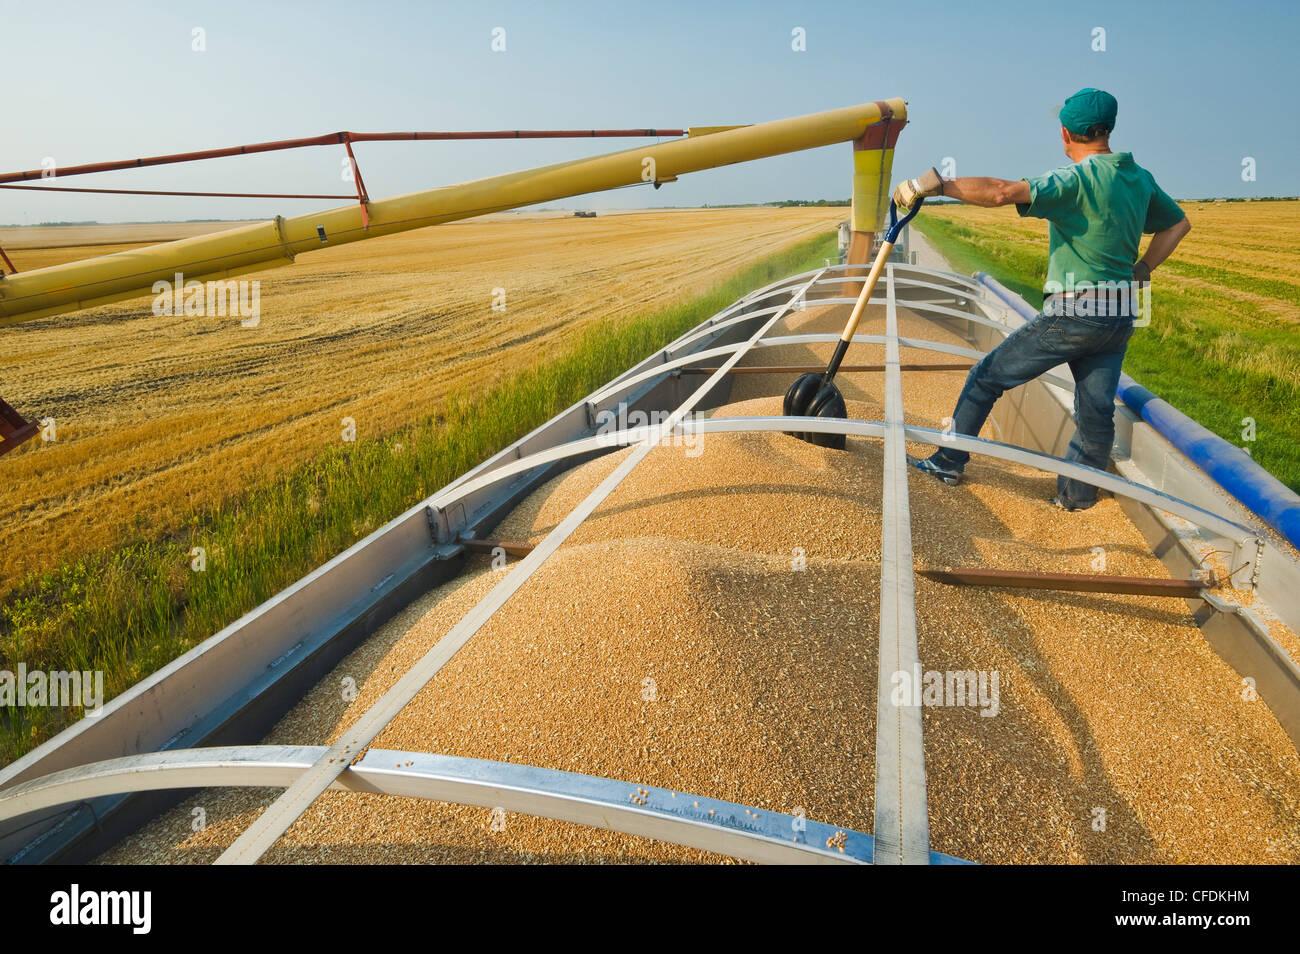 Un sinfín de cargas de trigo en una granja camión durante la cosecha, cerca de Lorette, Manitoba, Canadá Imagen De Stock